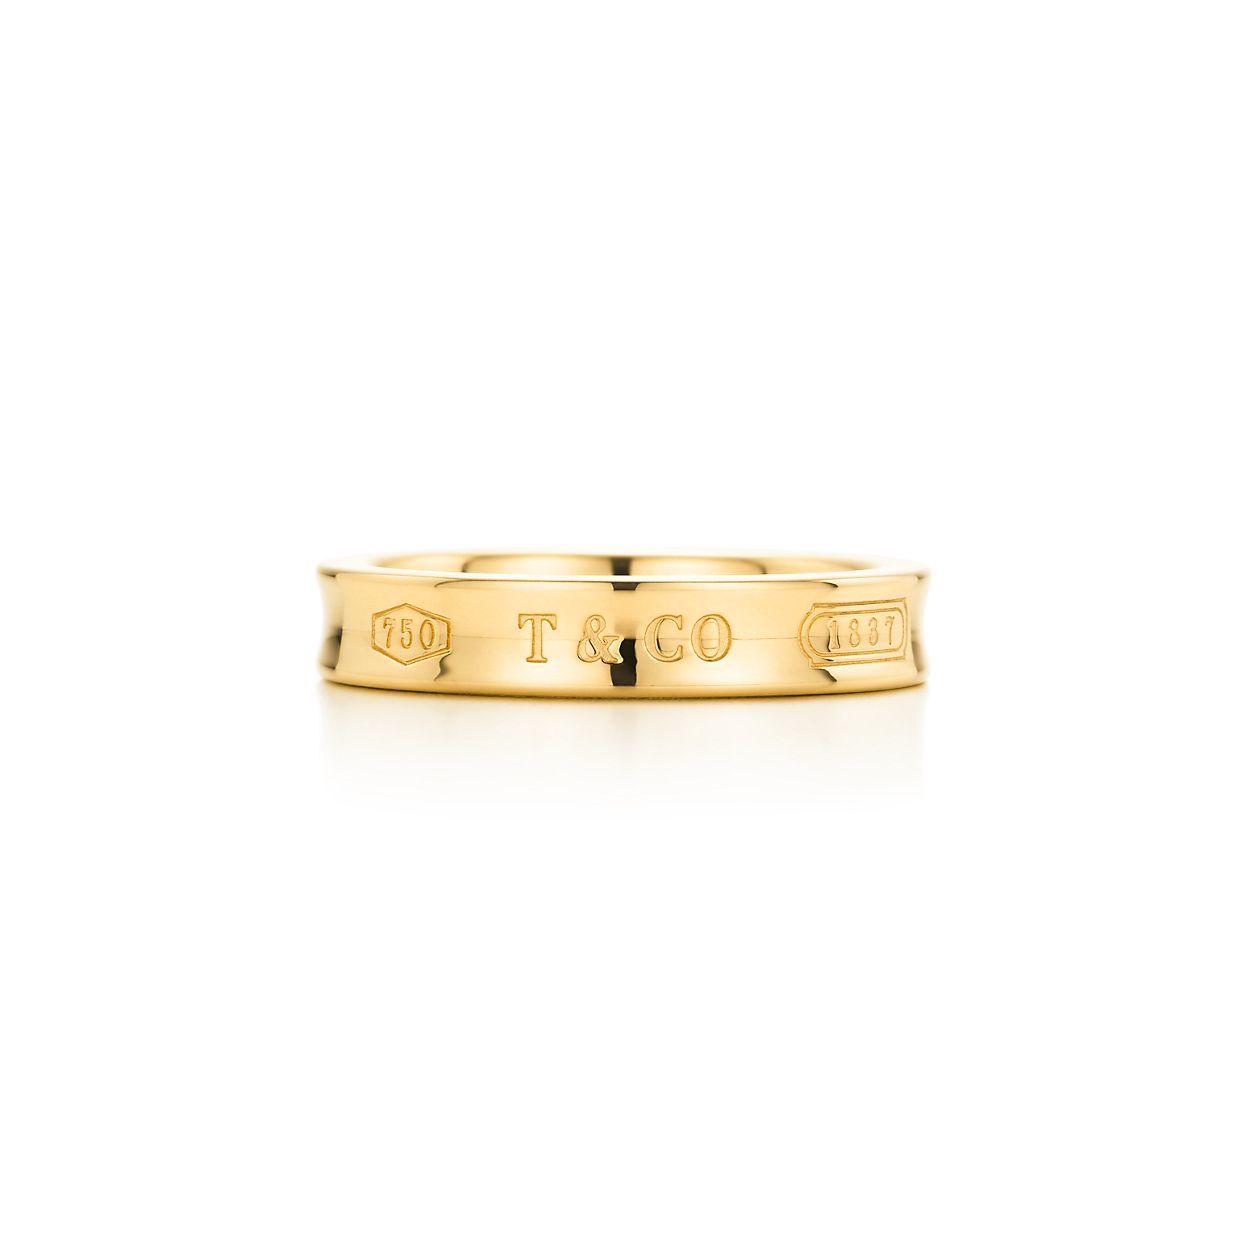 Tiffany 1837 wide ring in Rubedo metal - Size 6 1/2 Tiffany & Co. jhEp8UrZ4